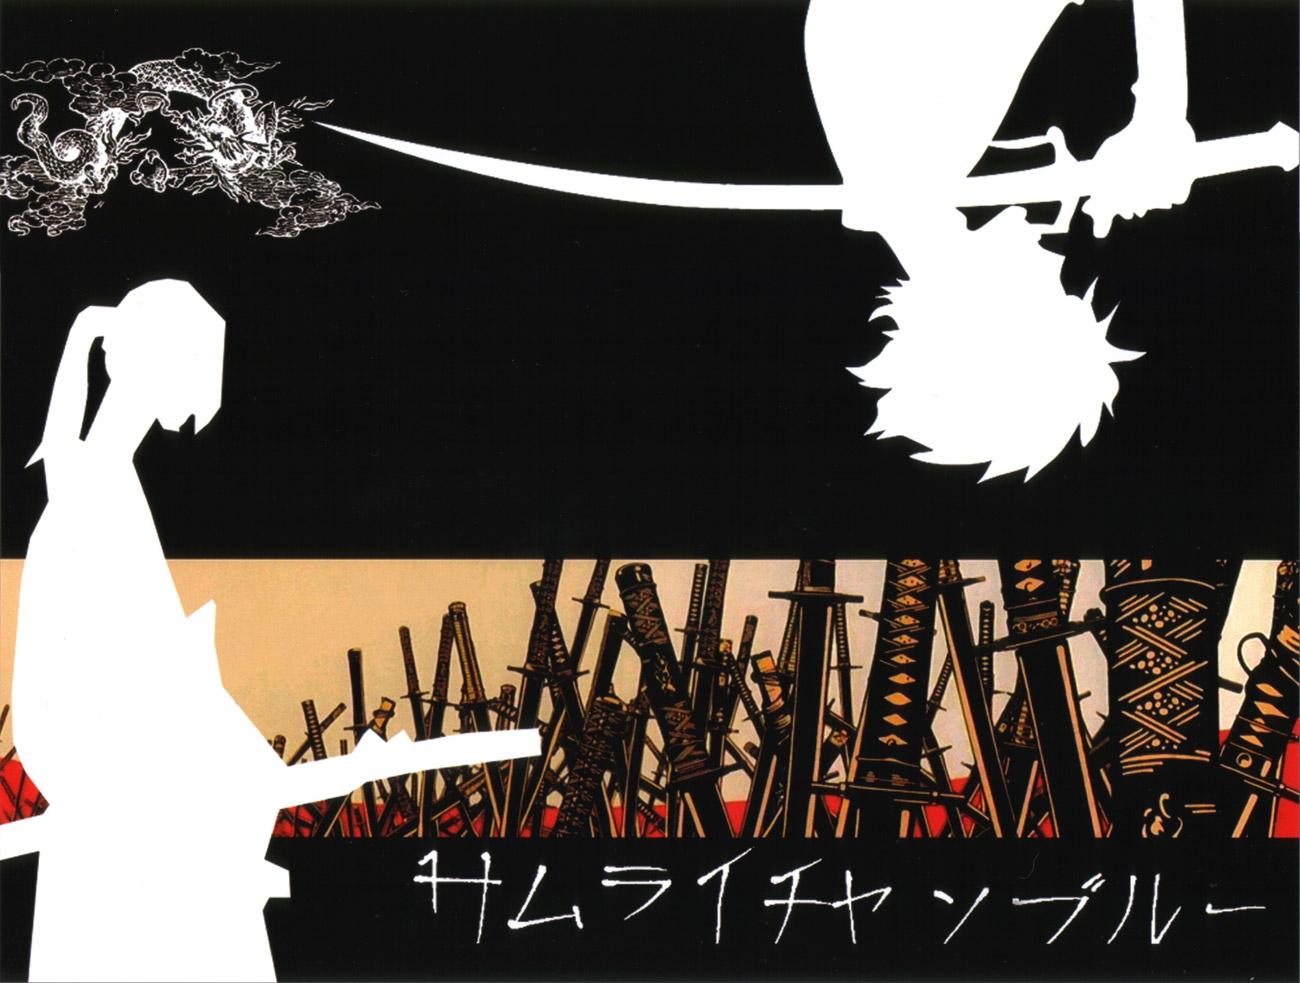 Samurai Champloo Calendar 2006 image by Masaru Gotsubo